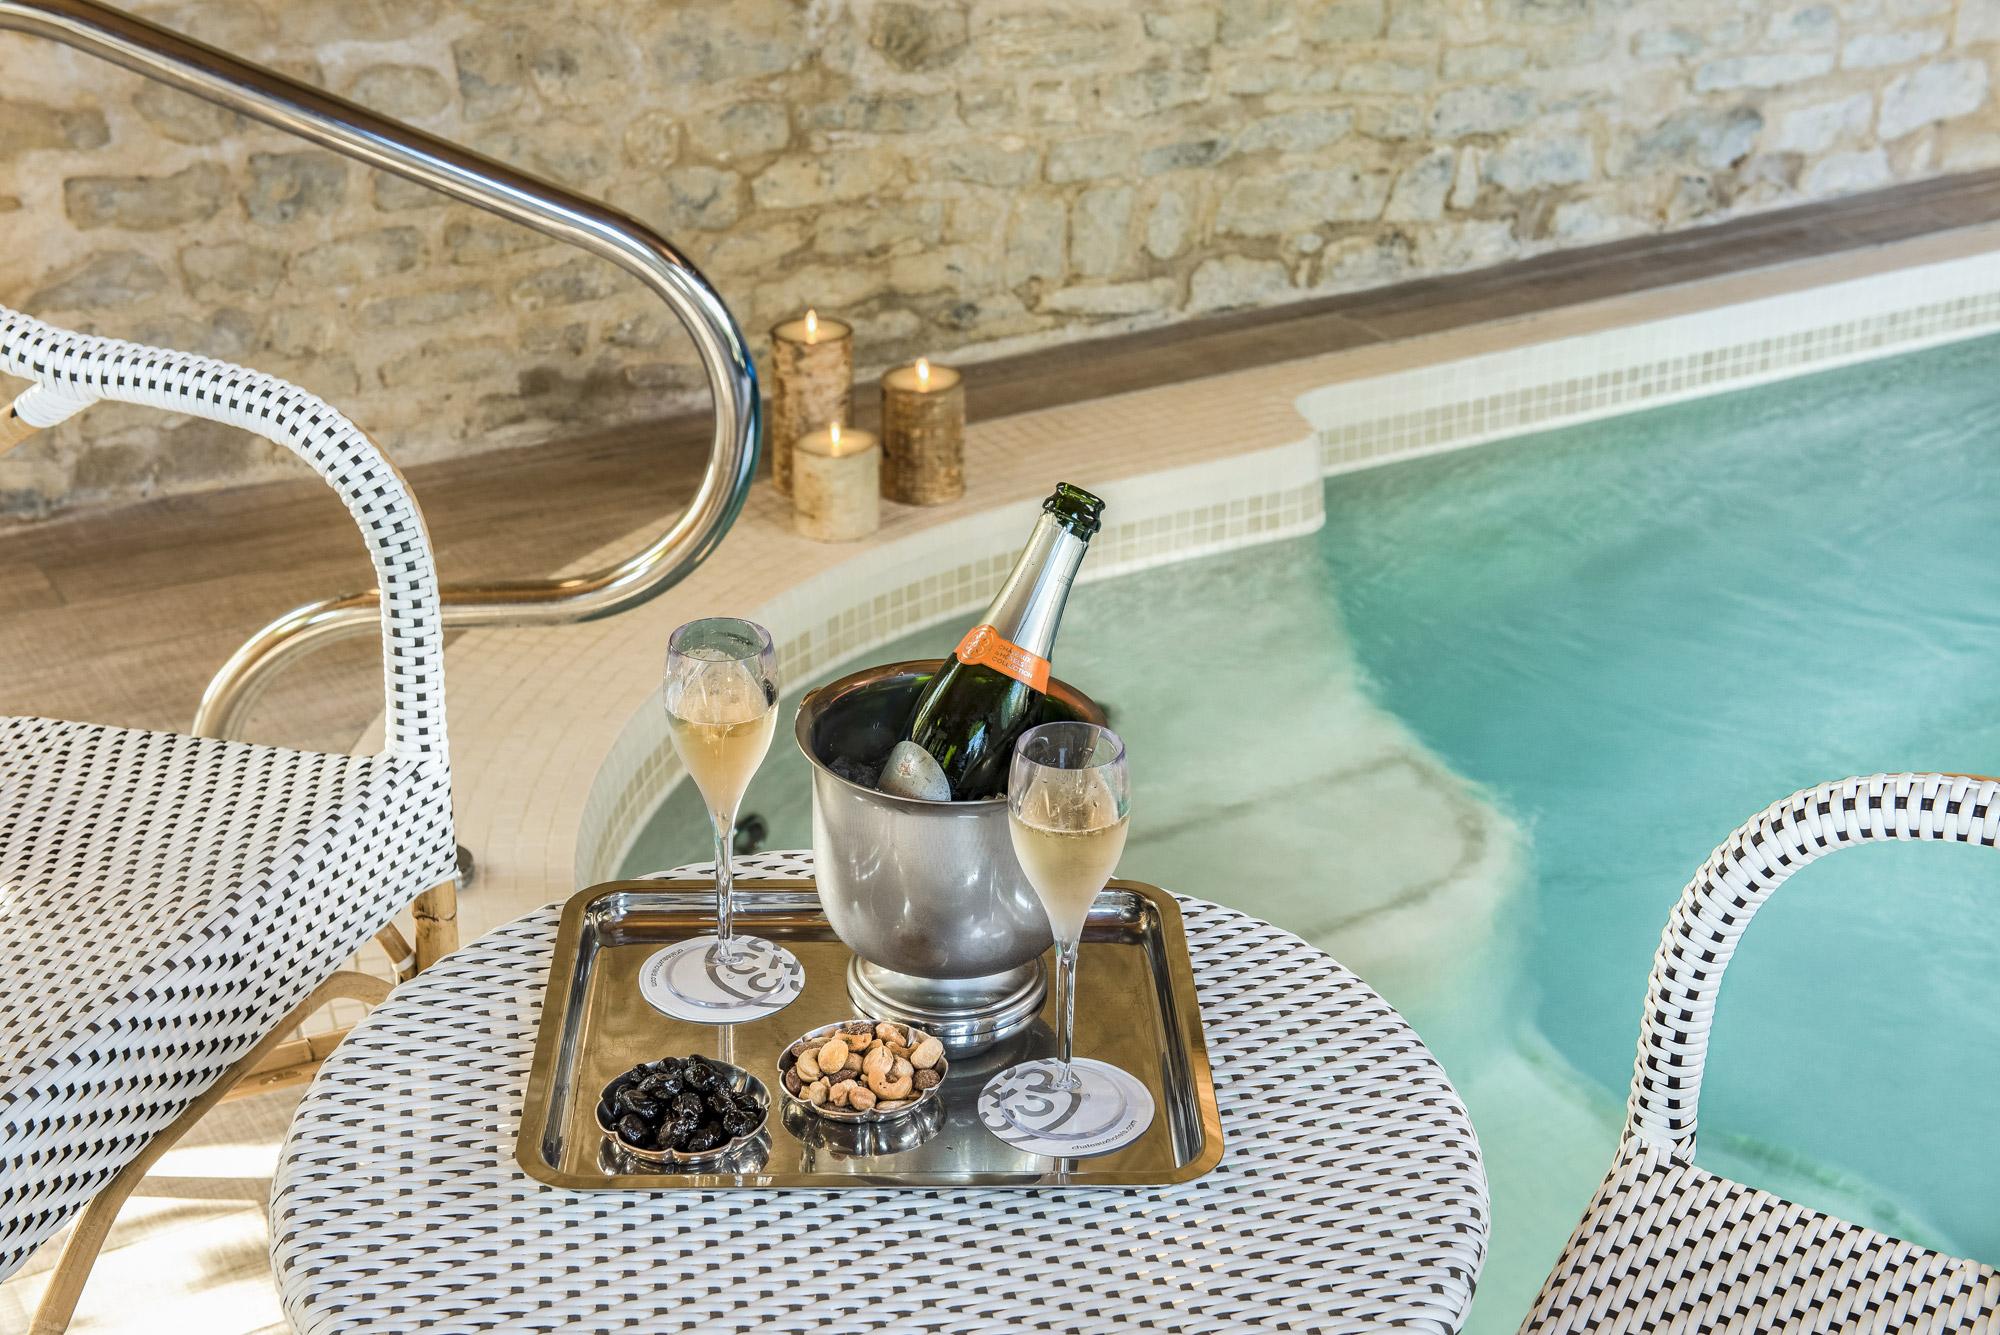 Bouteille de Champagne avec coupes servies sur une table près d'un jacuzzi privatif